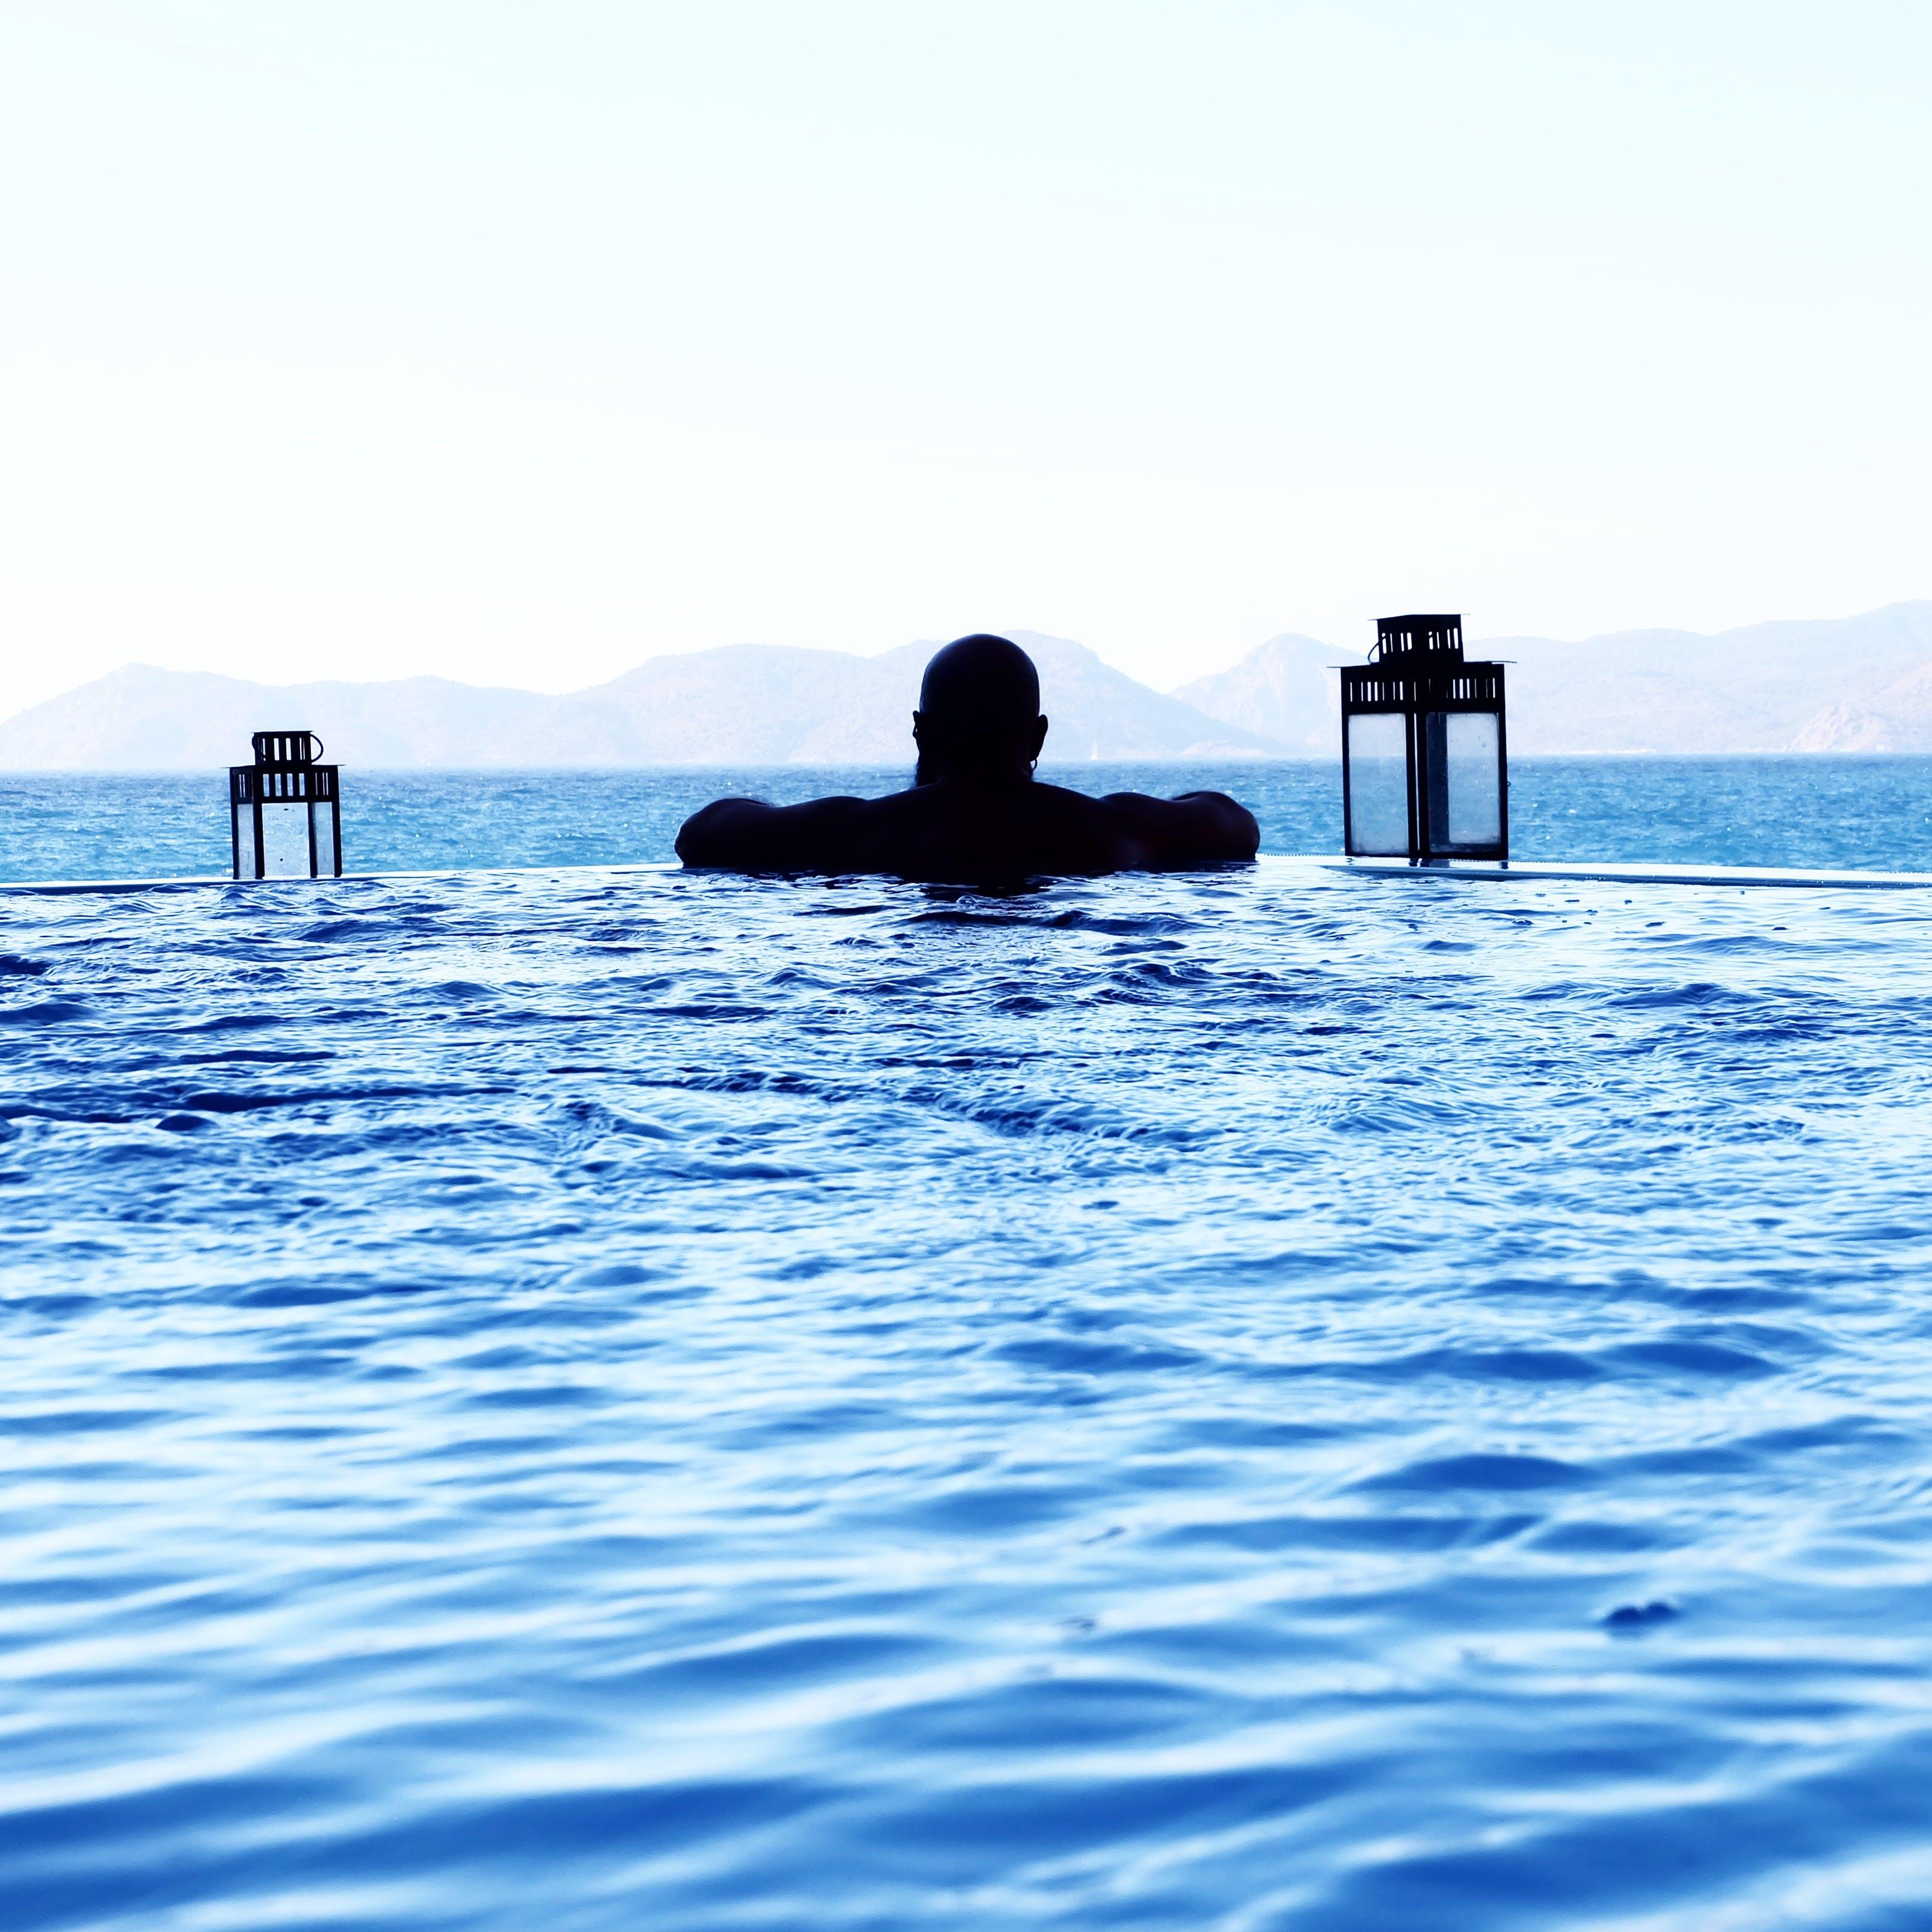 Kostenloses Stock Foto zu baden, besichtigung, entspannung, freizeit